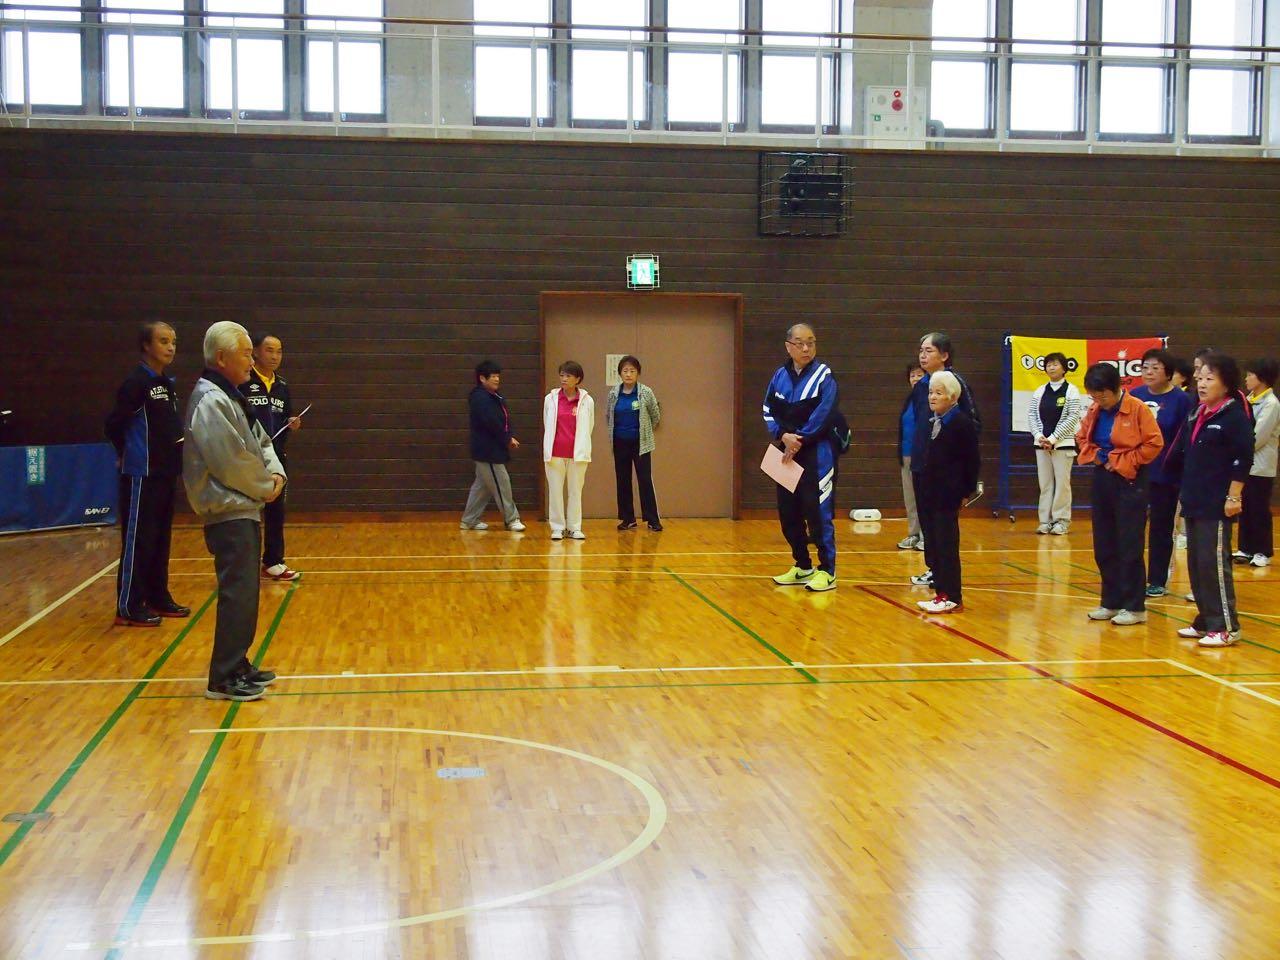 2015-10-23 SCおおさわ「秋の交流会」 003